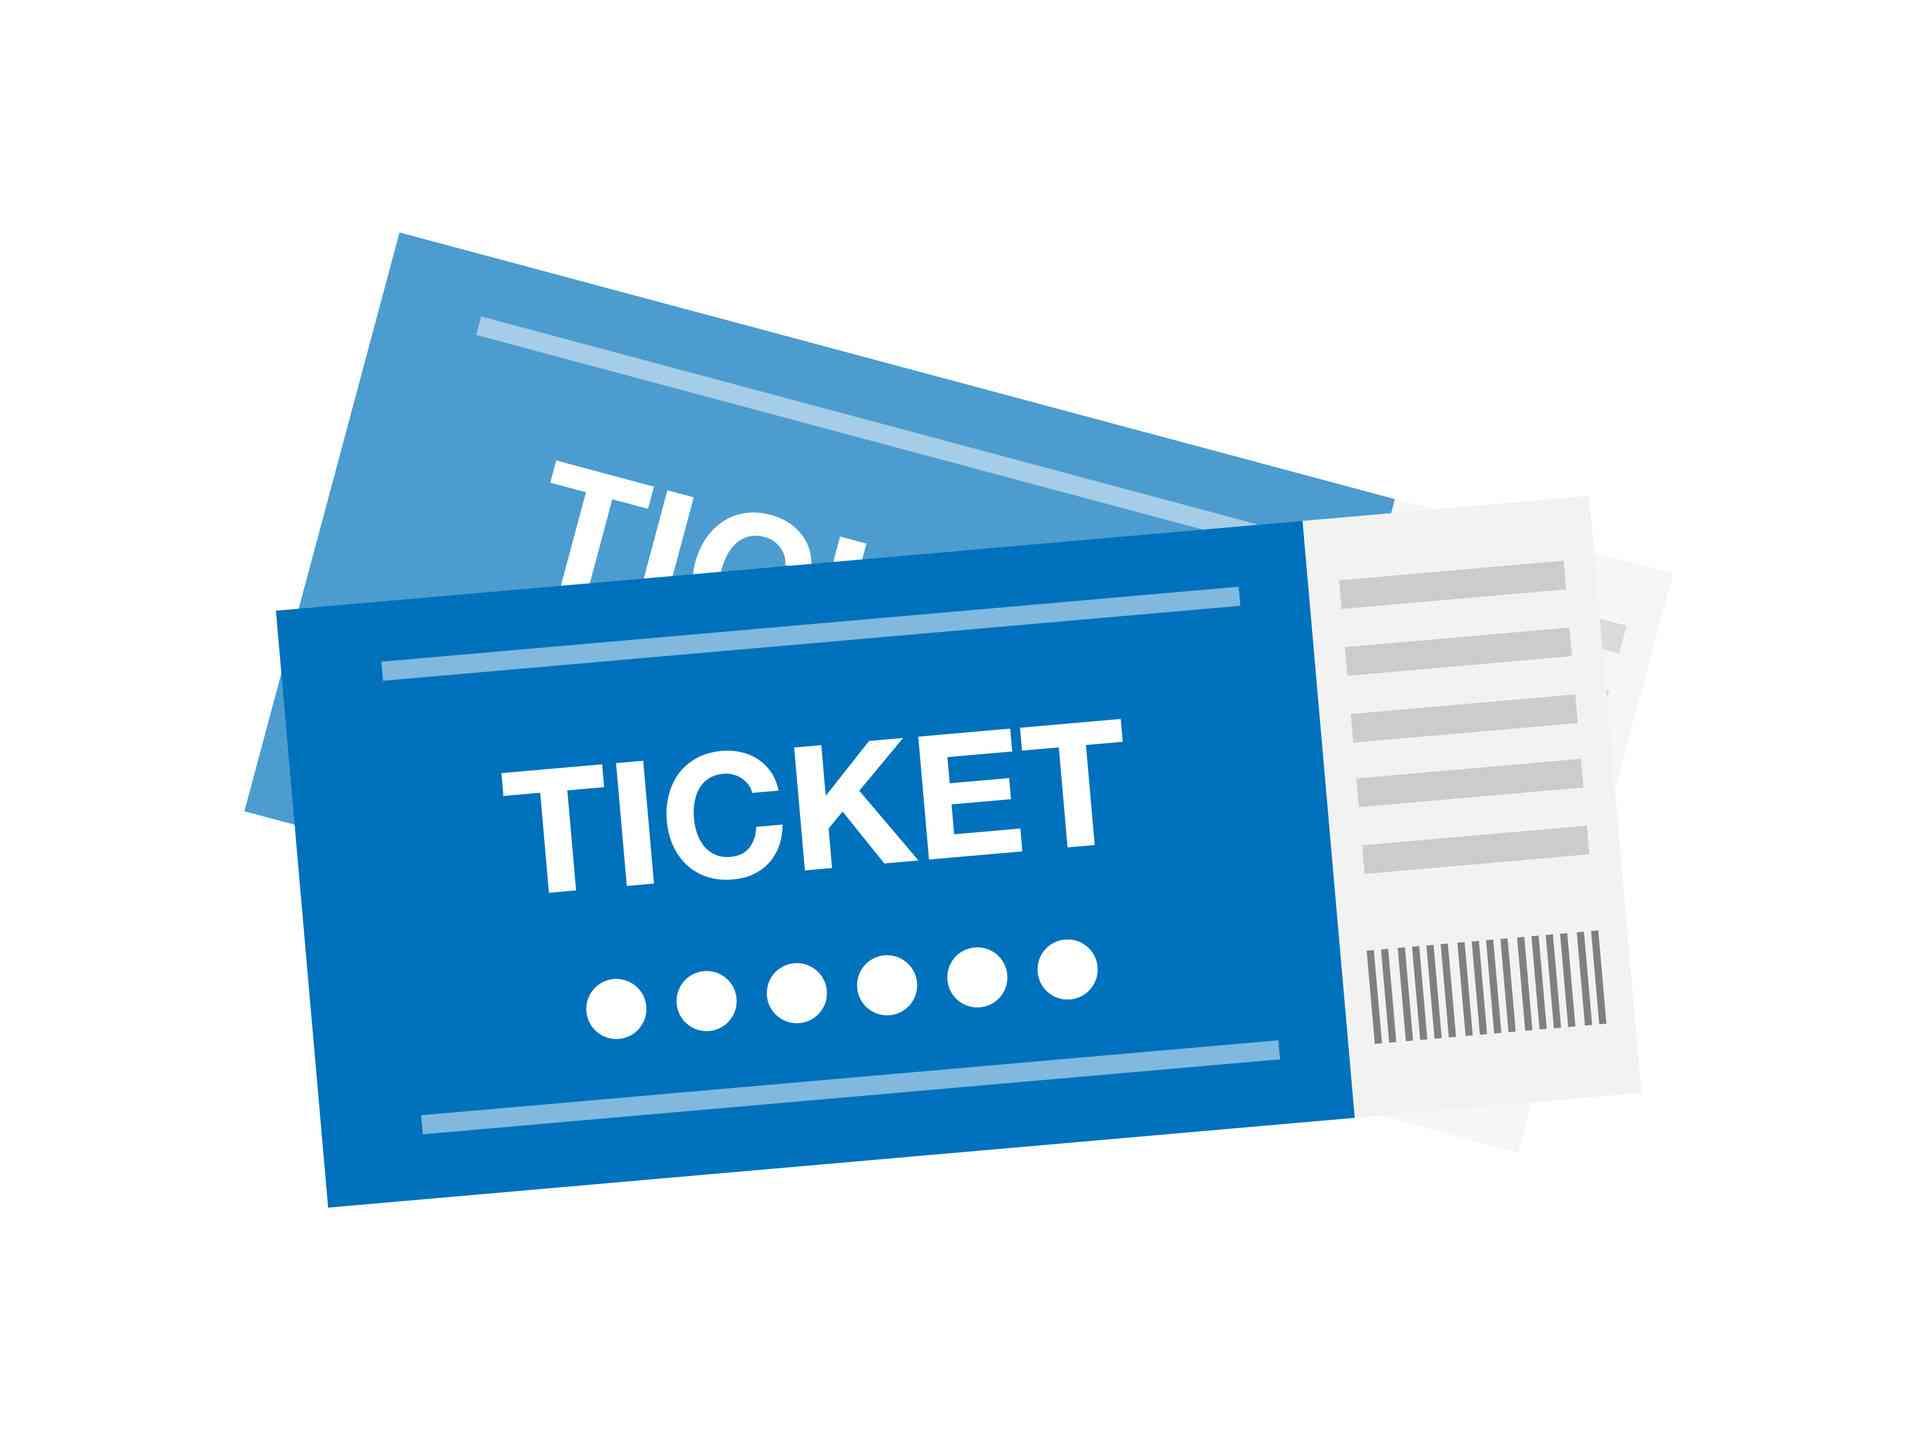 チケット高値転売、公式サイト新設で歯止めへ